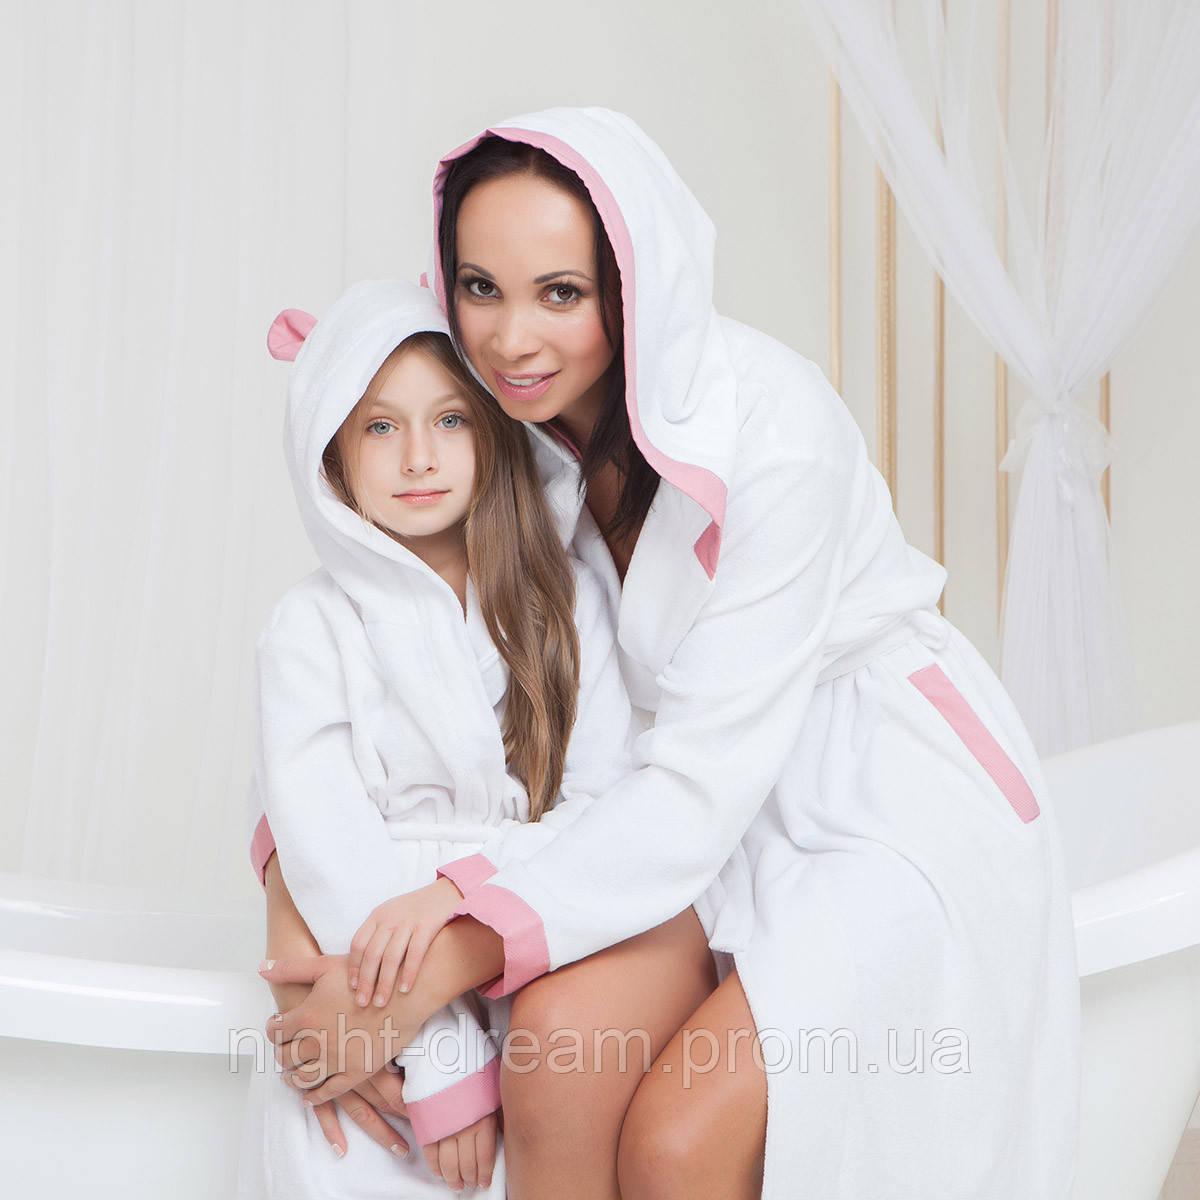 29677b7eca83 Махровый халат с капюшоном Жаклин от Guddini 006 XL(54-56) белый ...